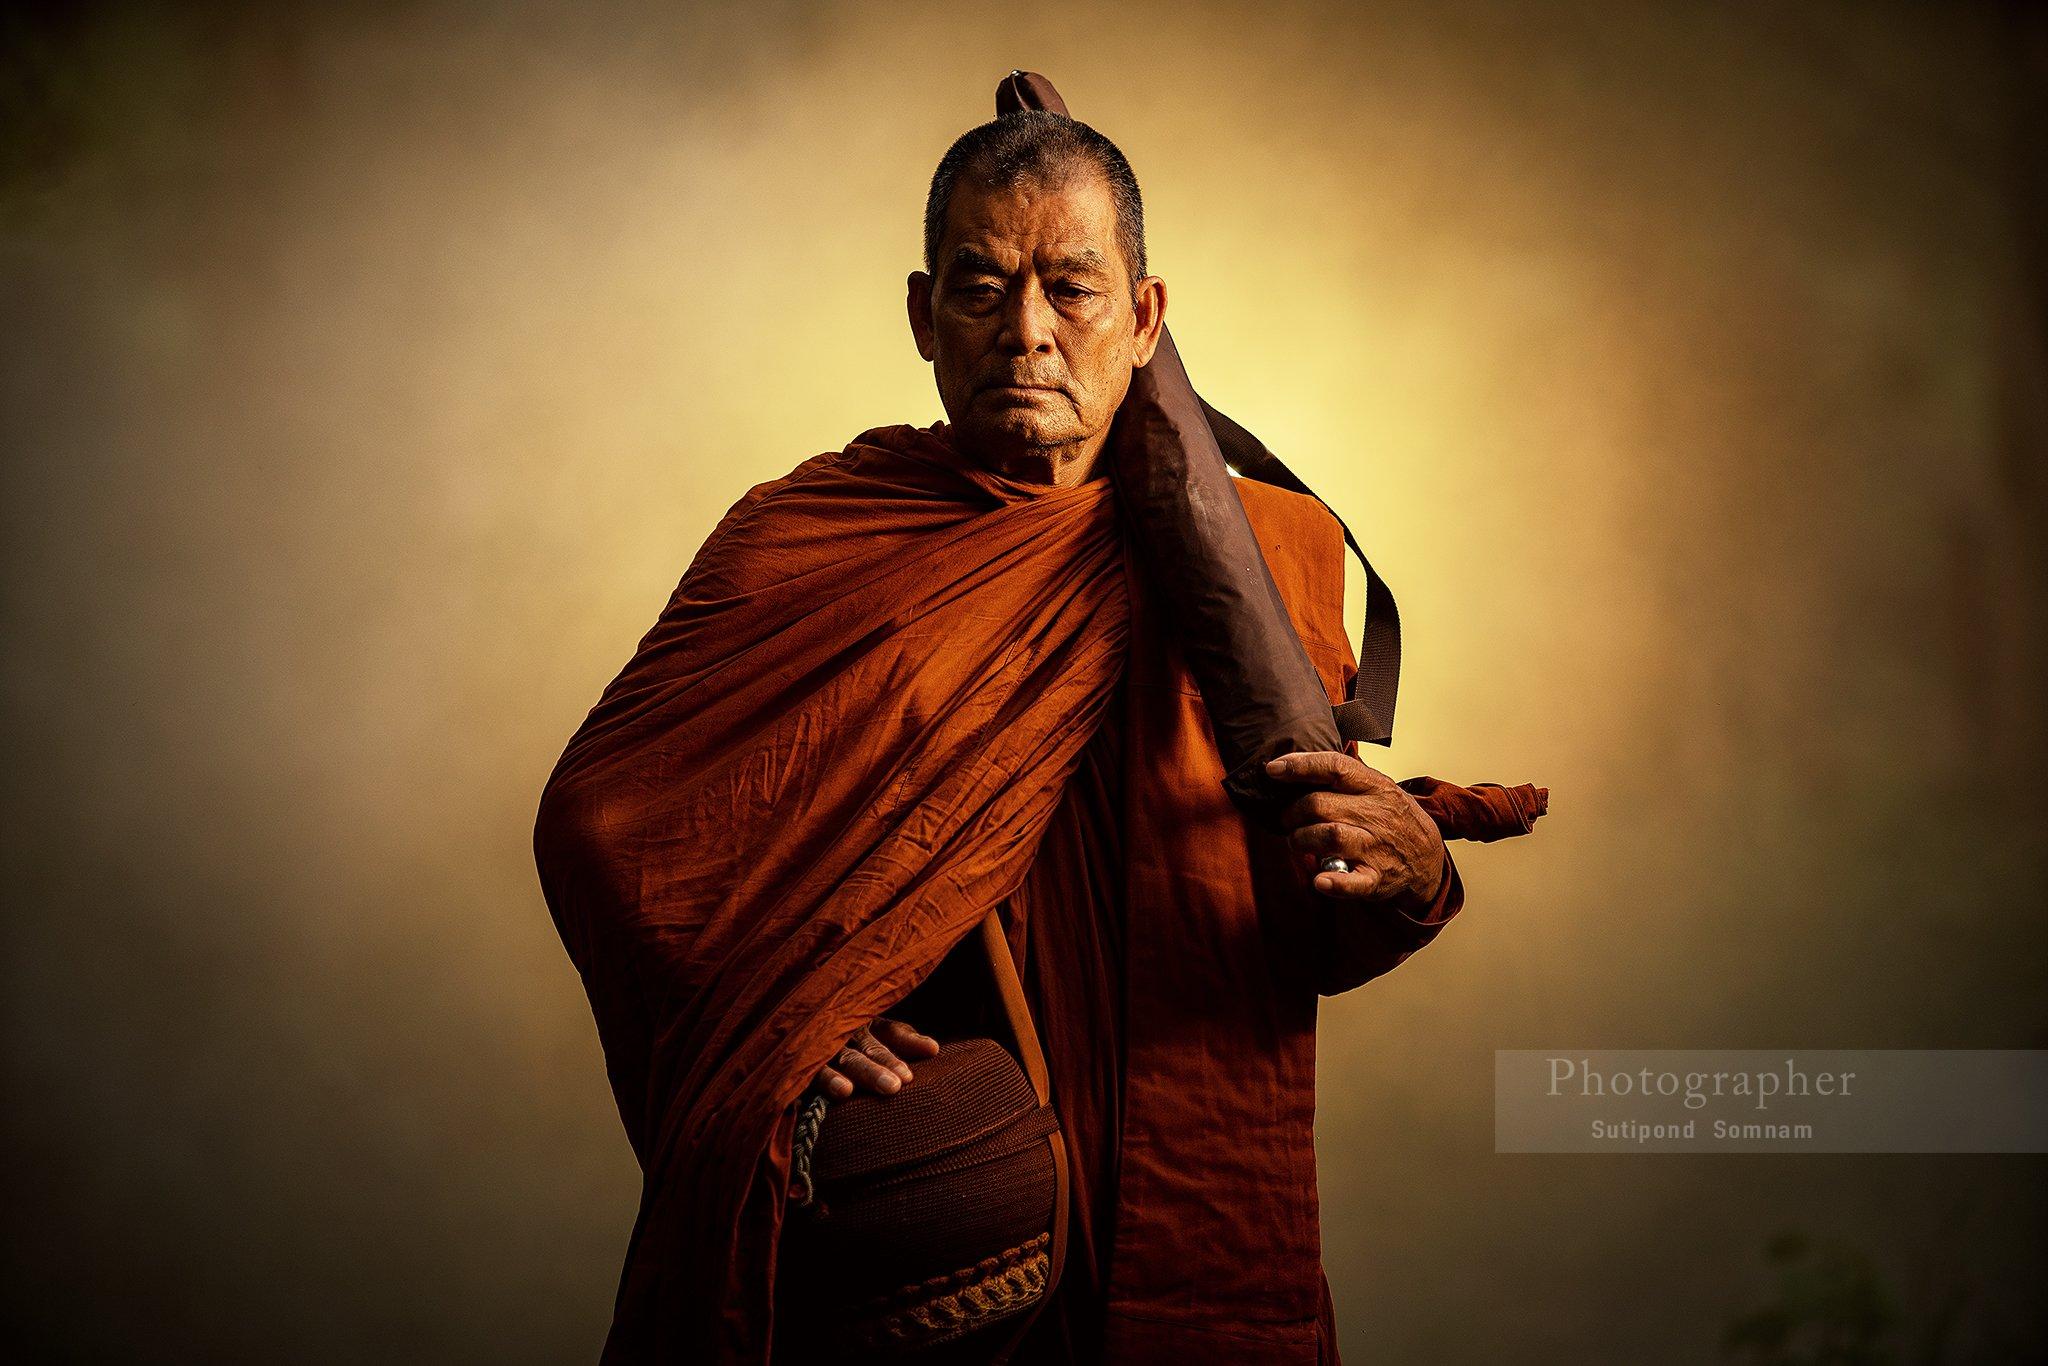 monk, SUTIPOND SOMNAM